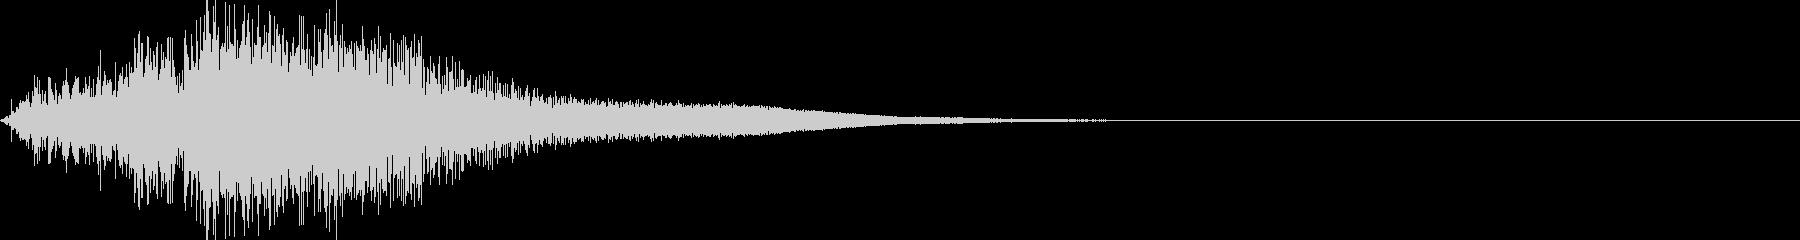 シャキーン(剣の音)の未再生の波形